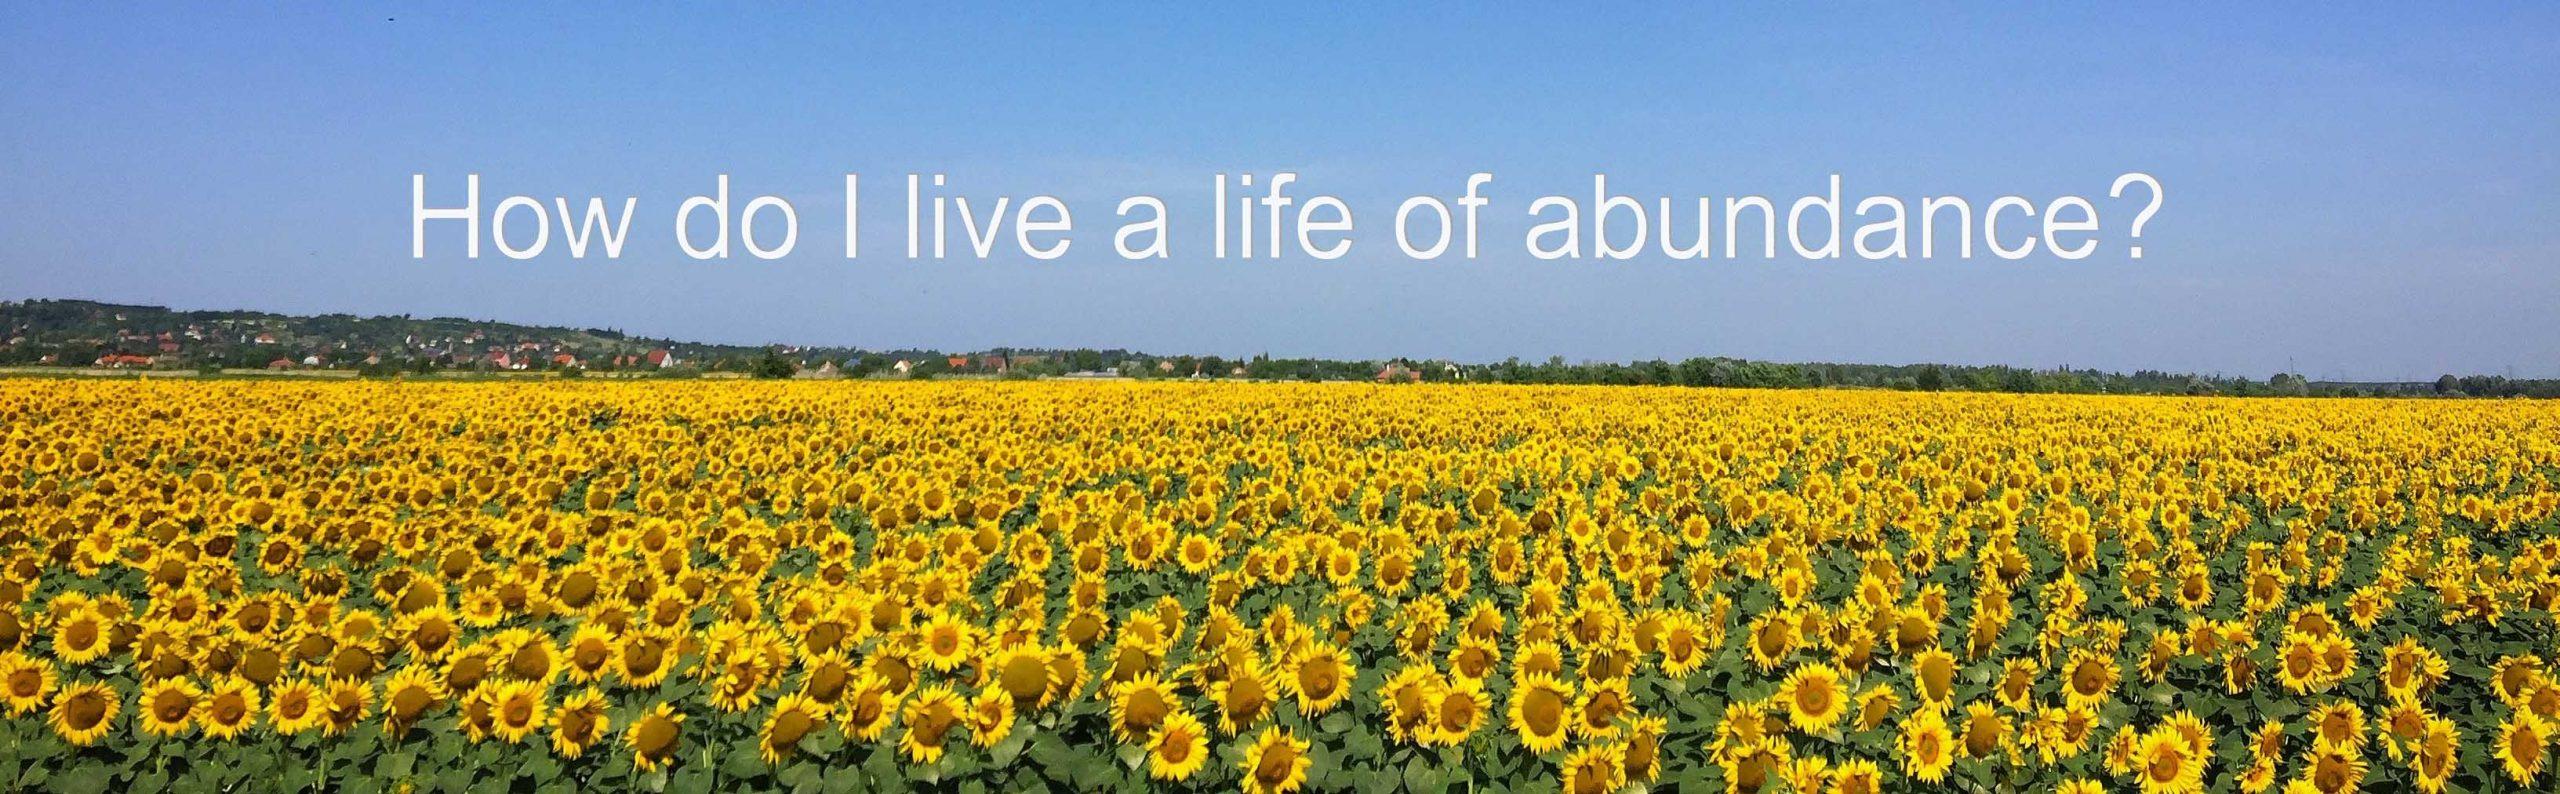 How Do I Life a Life of Abundance